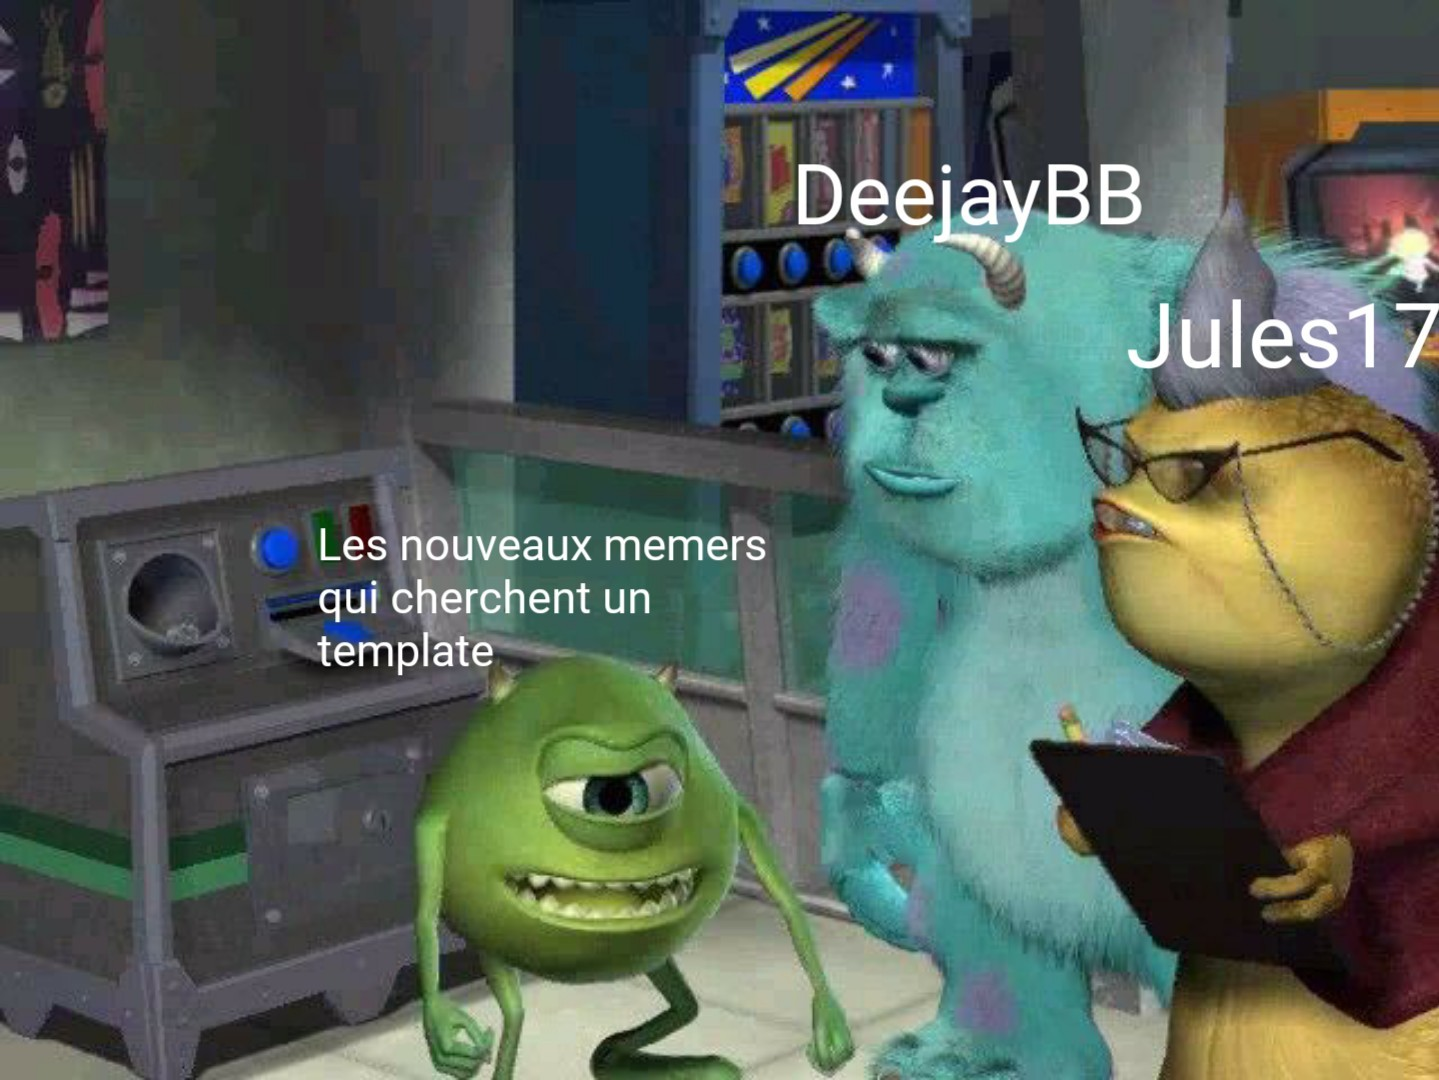 Aucune préférence je le jure - meme